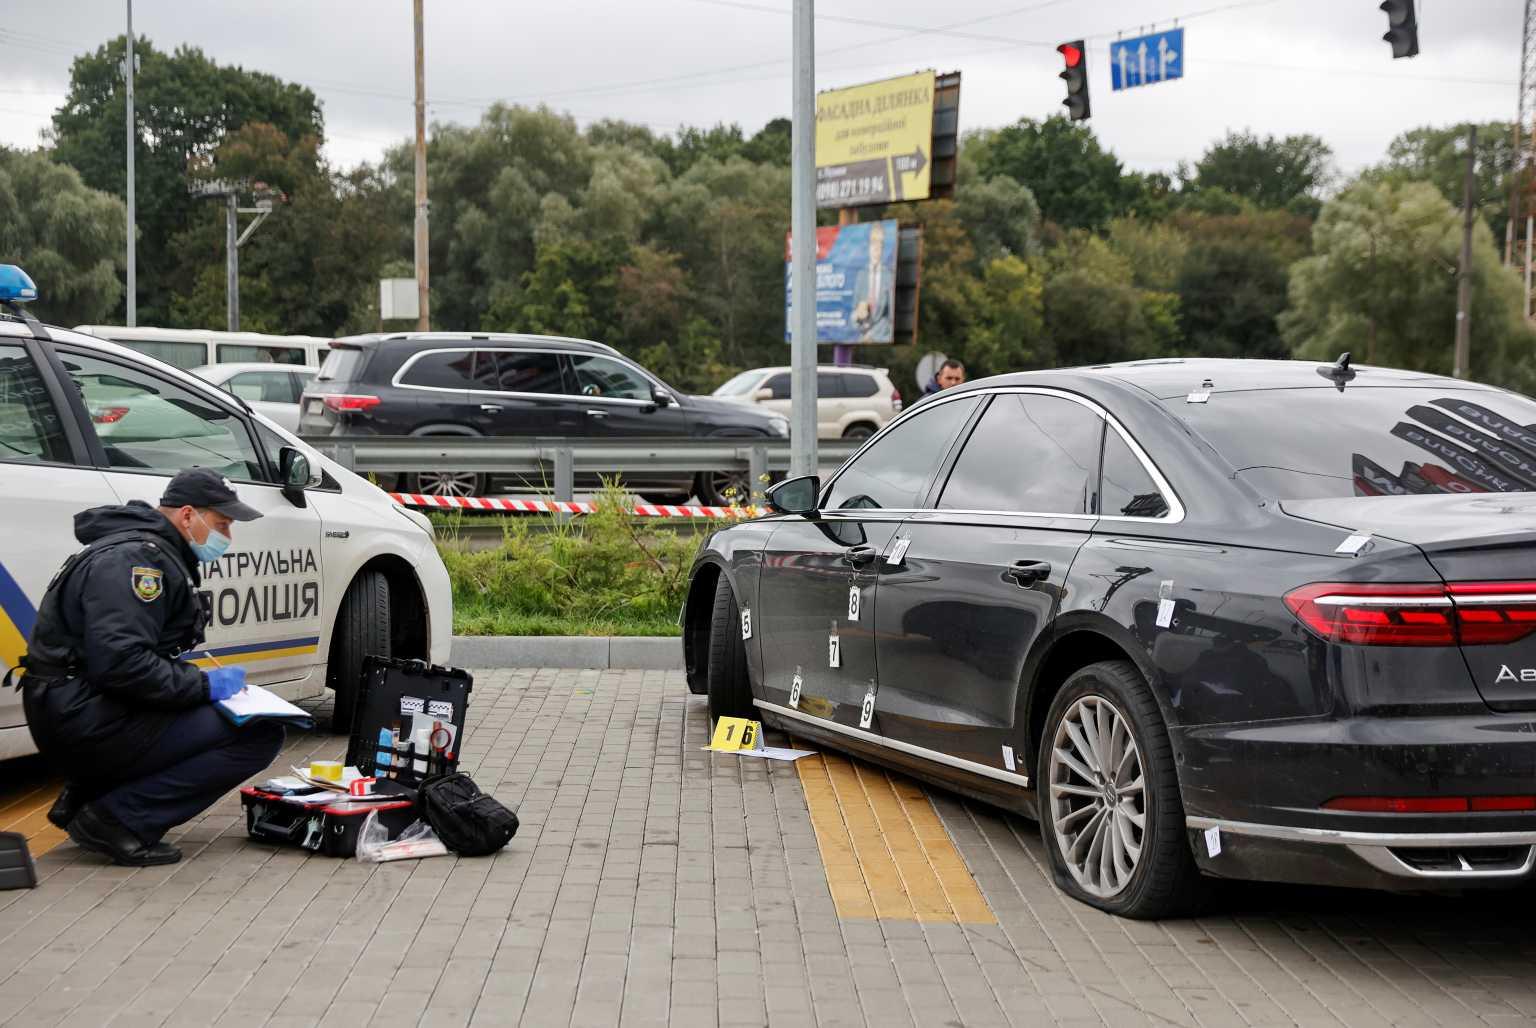 Ουκρανία: Απόπειρα δολοφονίας εναντίον συμβούλου του Ζελένσκι – «Γάζωσαν» το αυτοκίνητό του